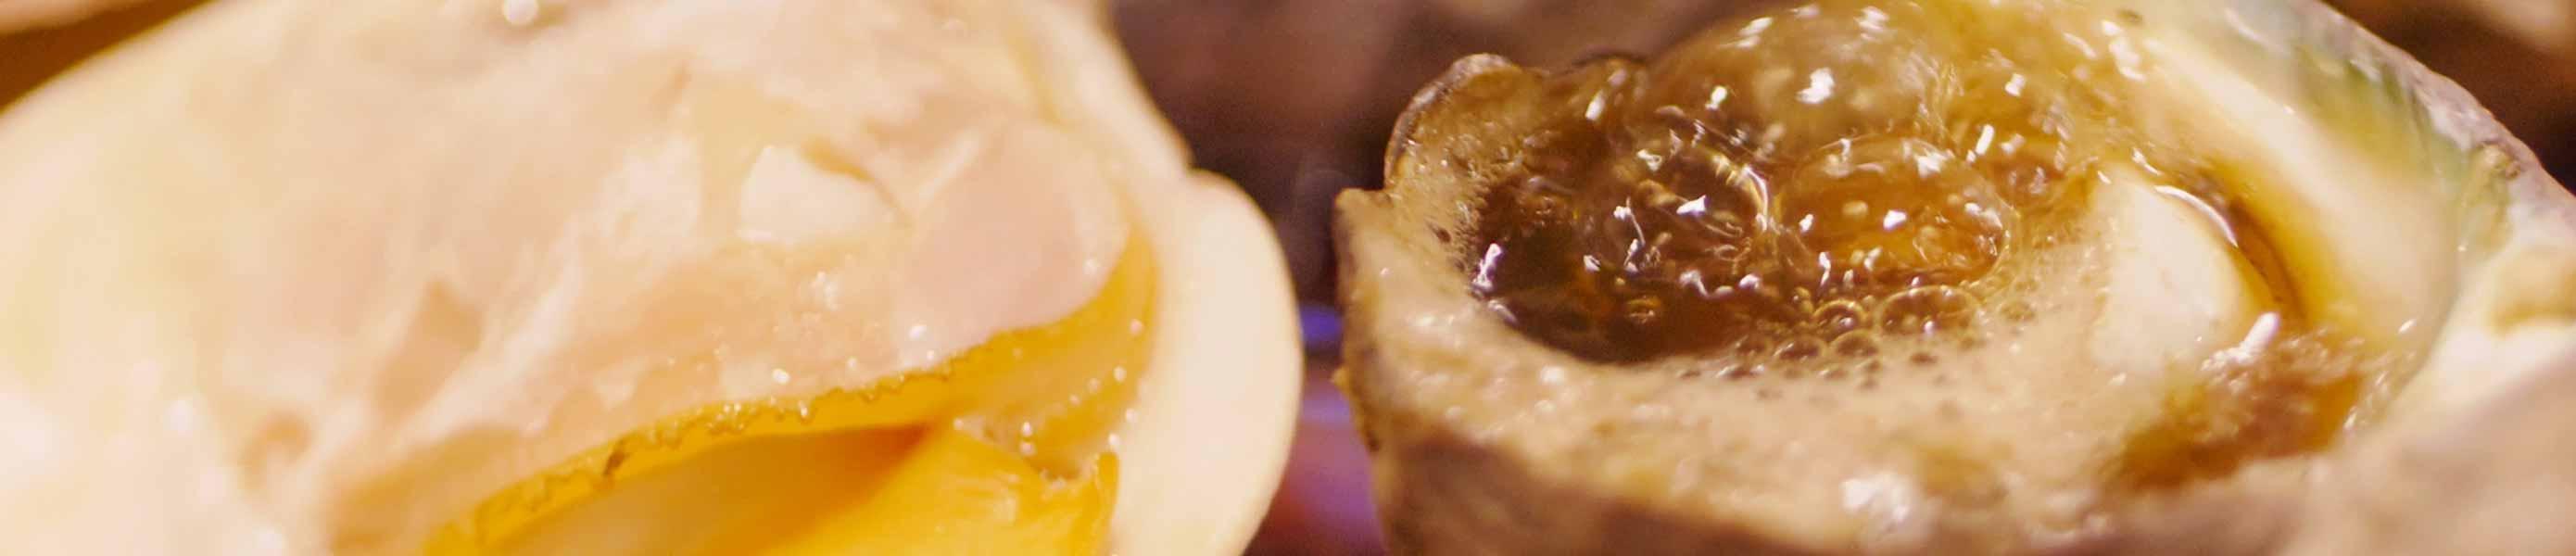 海外・国内からツアー観光に人気の岡山にある牡蠣料理・海鮮料理の磯メニュー